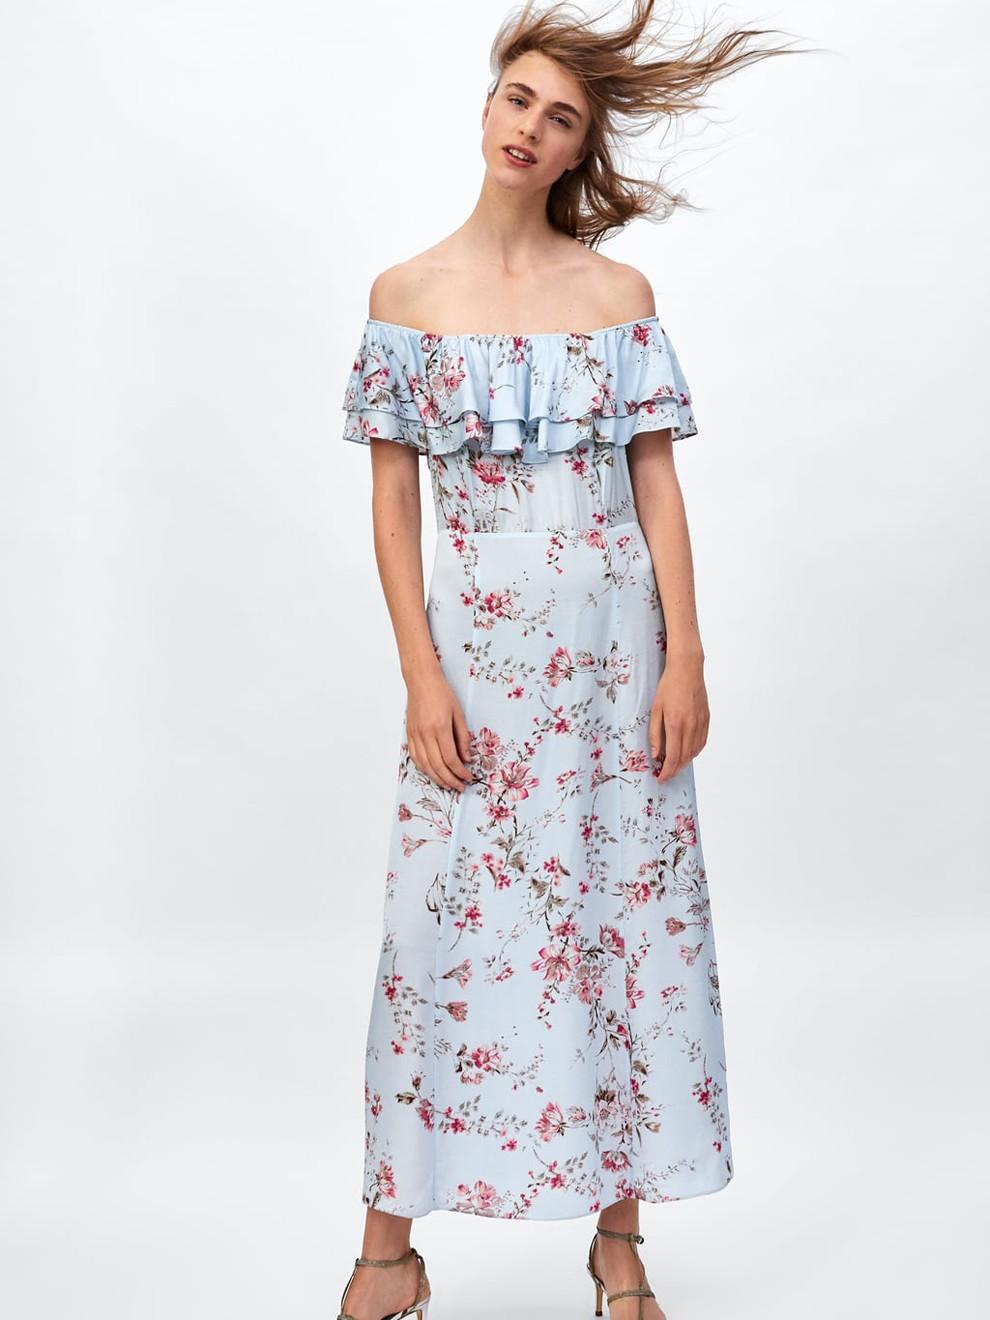 Vestidos para boda zara 2019